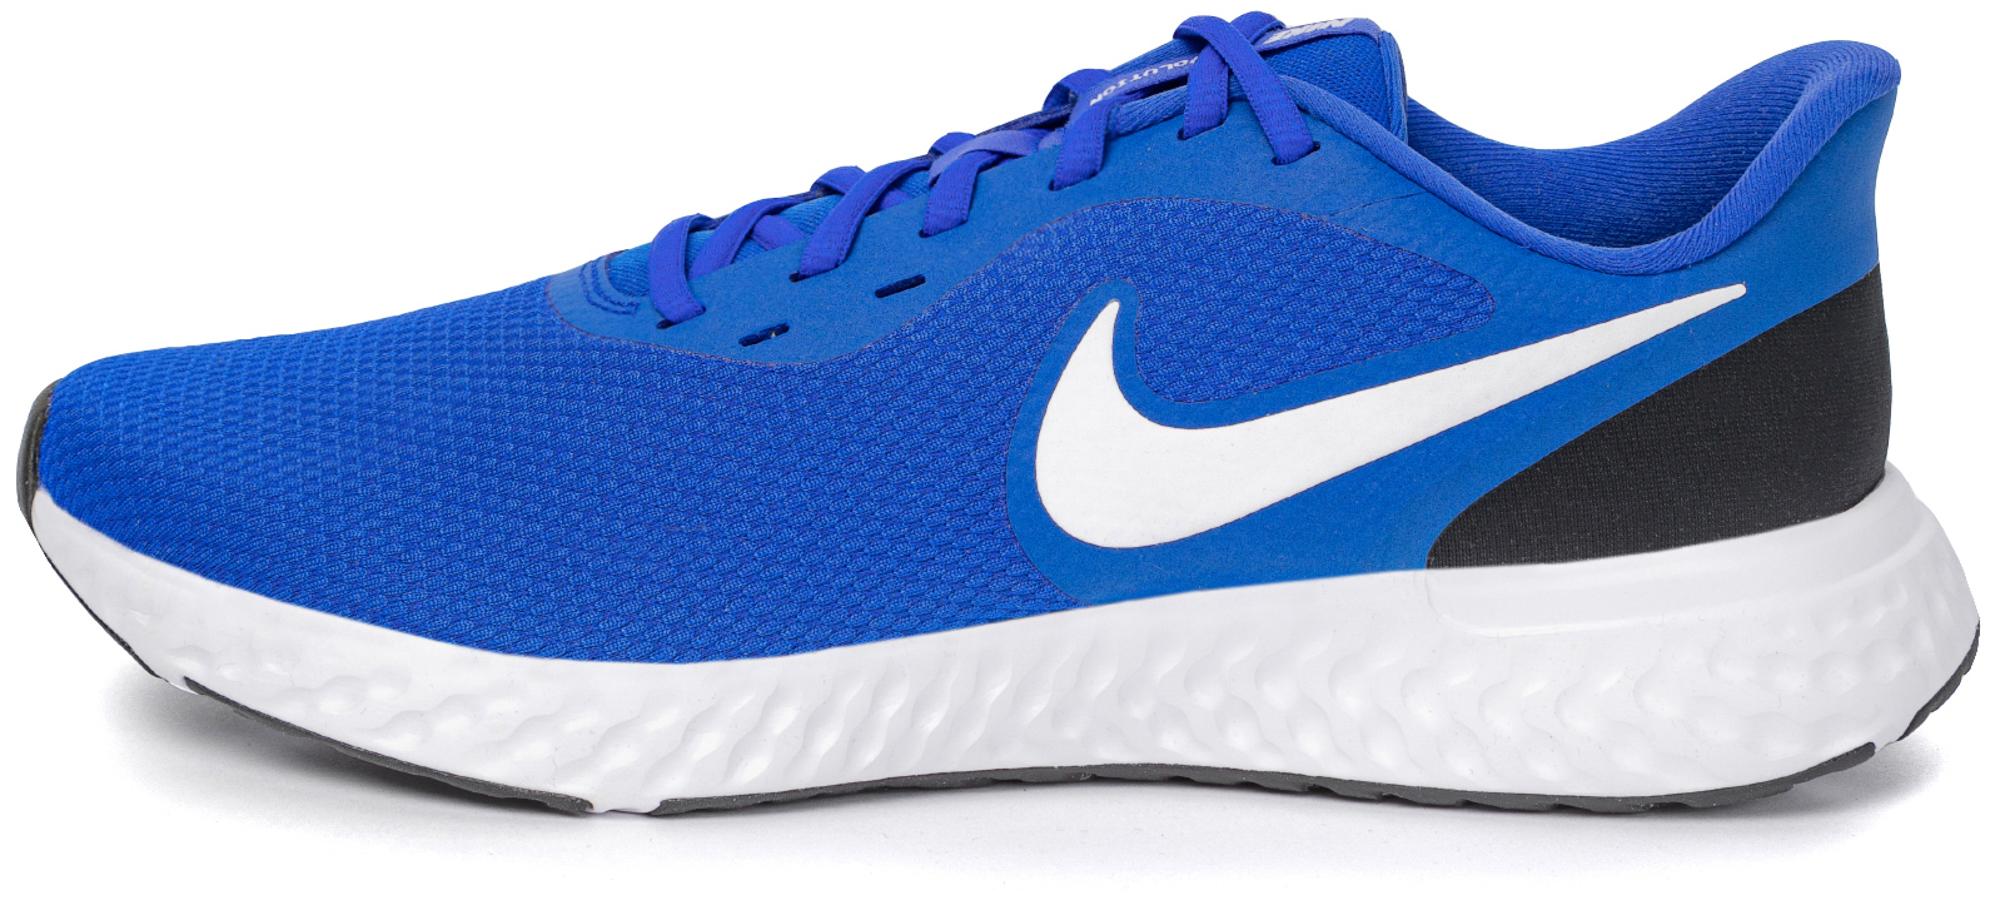 цена Nike Кроссовки мужские Nike Revolution 5, размер 41 онлайн в 2017 году